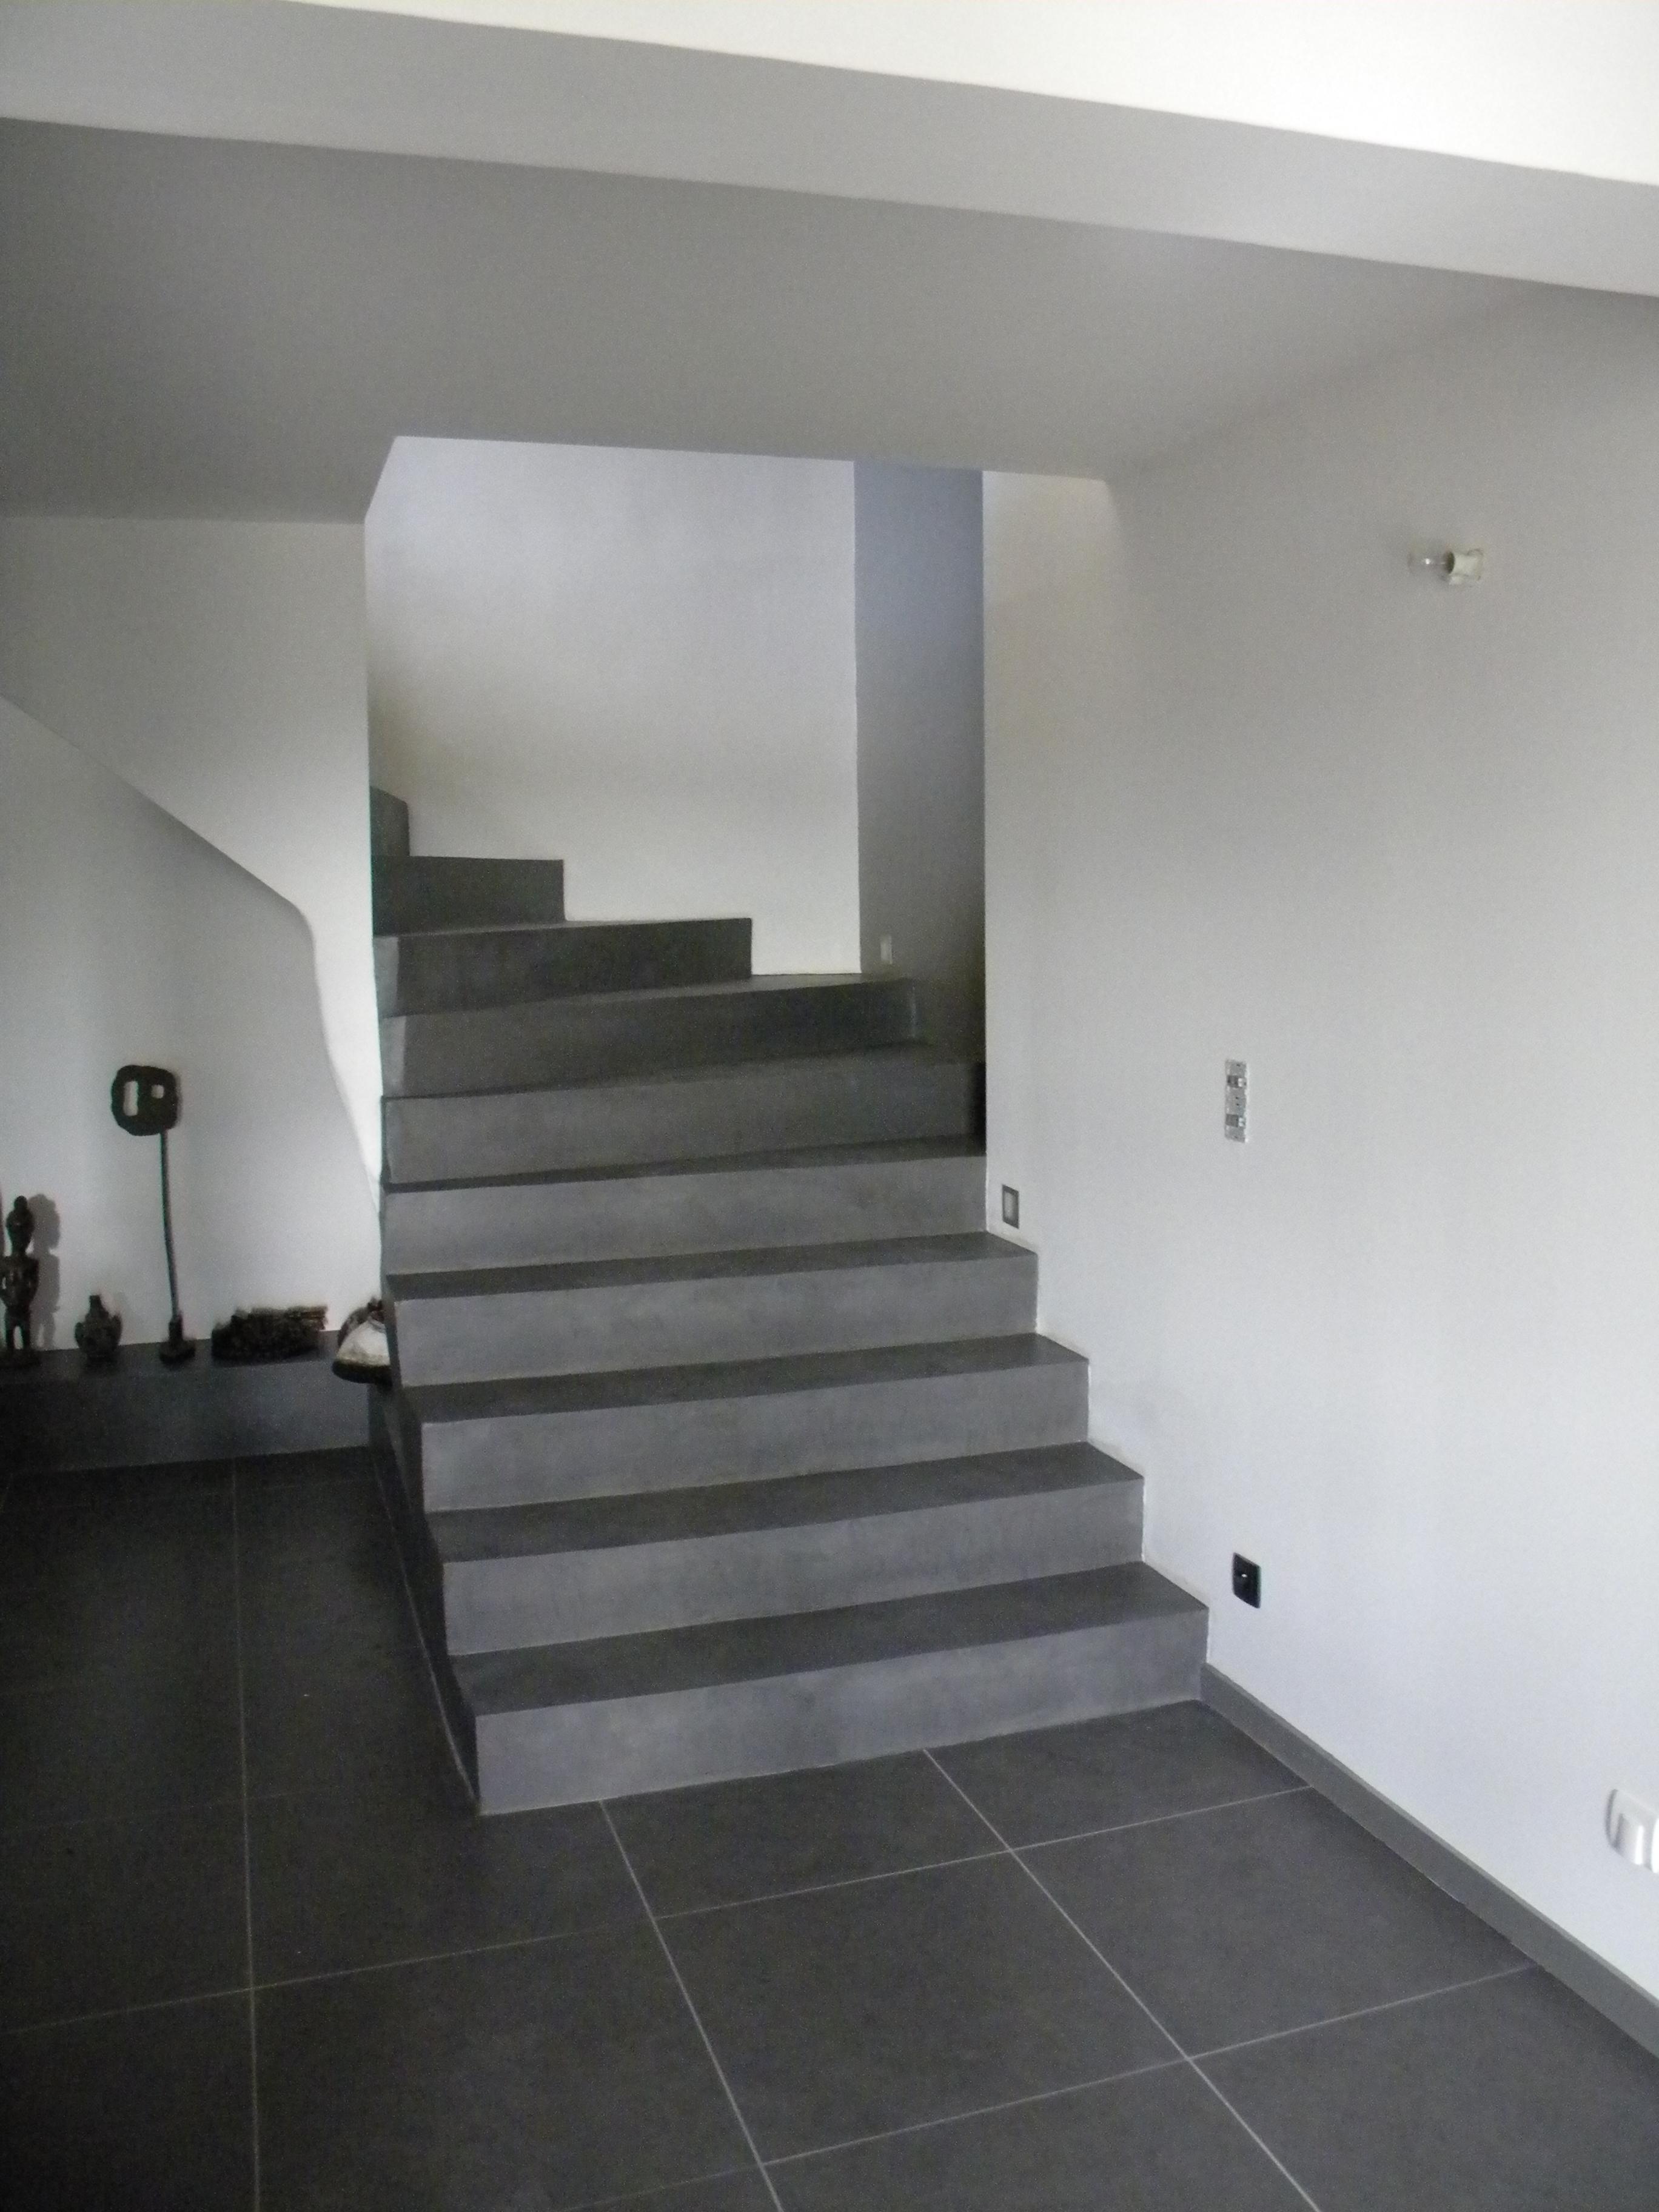 sch ne beton cire treppe bilder erindzain. Black Bedroom Furniture Sets. Home Design Ideas